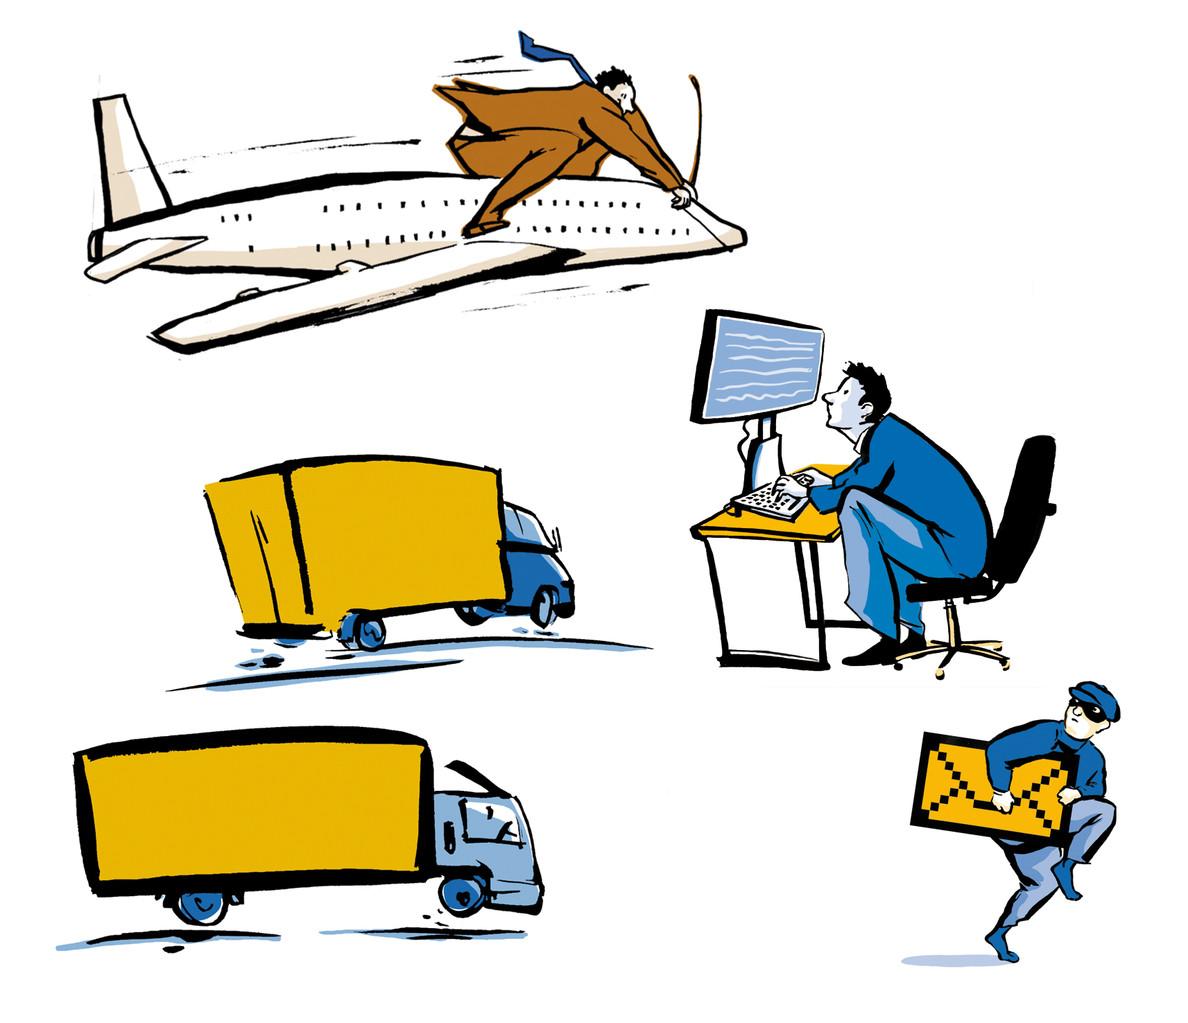 Illustrationen für Roland Rechtsschutz Magazin und WAZ, Ressort: Reise (Flugzeug)